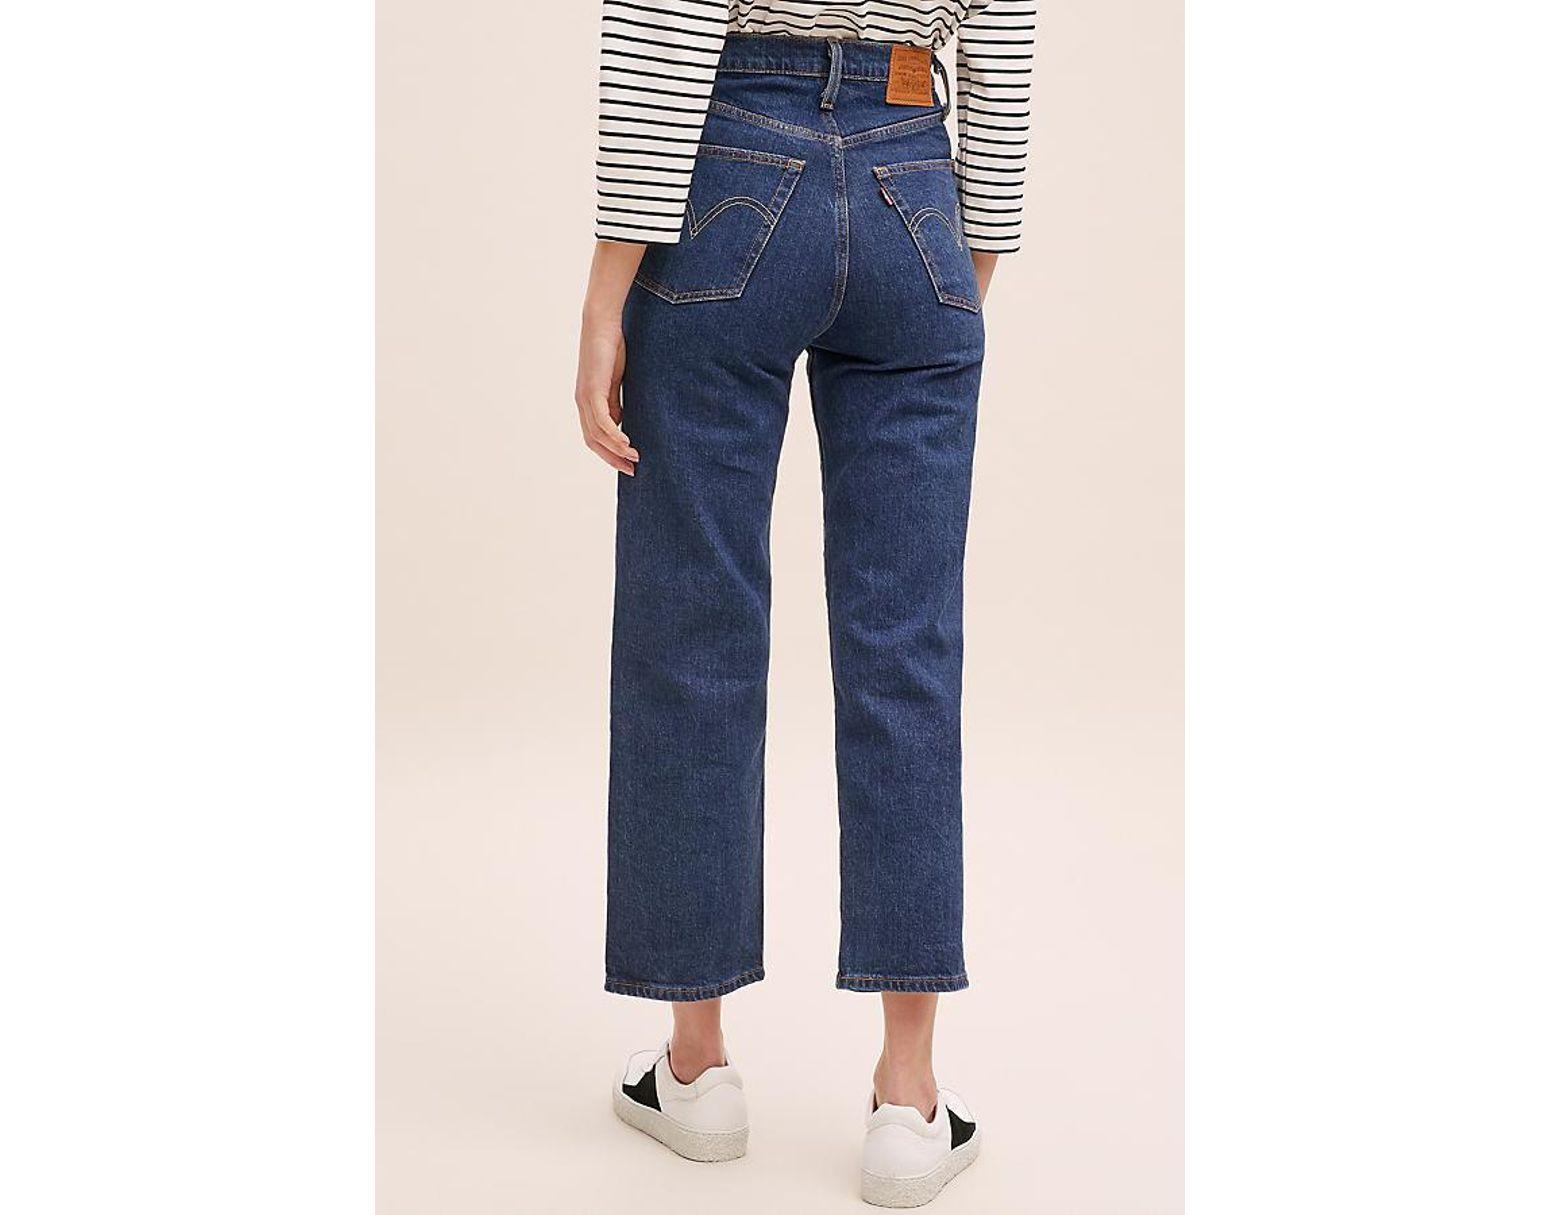 Haute Bleu Taille Femme Droit Coloris Jean Ribcage De 8n0wvmN